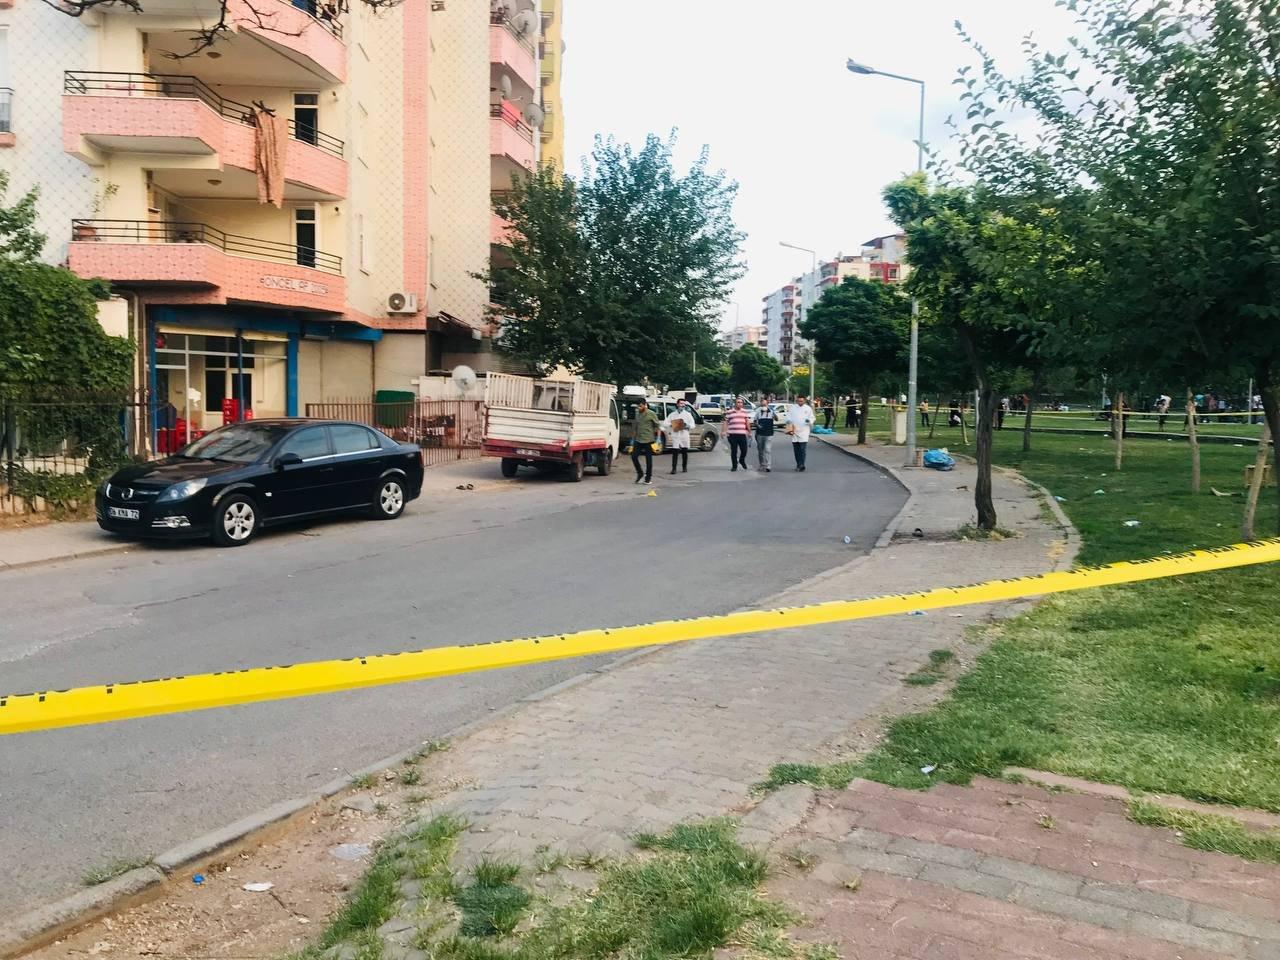 Kurşunlar havada uçuştu, ortalık savaş alanına döndü! Diyarbakır'da silahlı çatışma:2 ölü, 15 yaralı